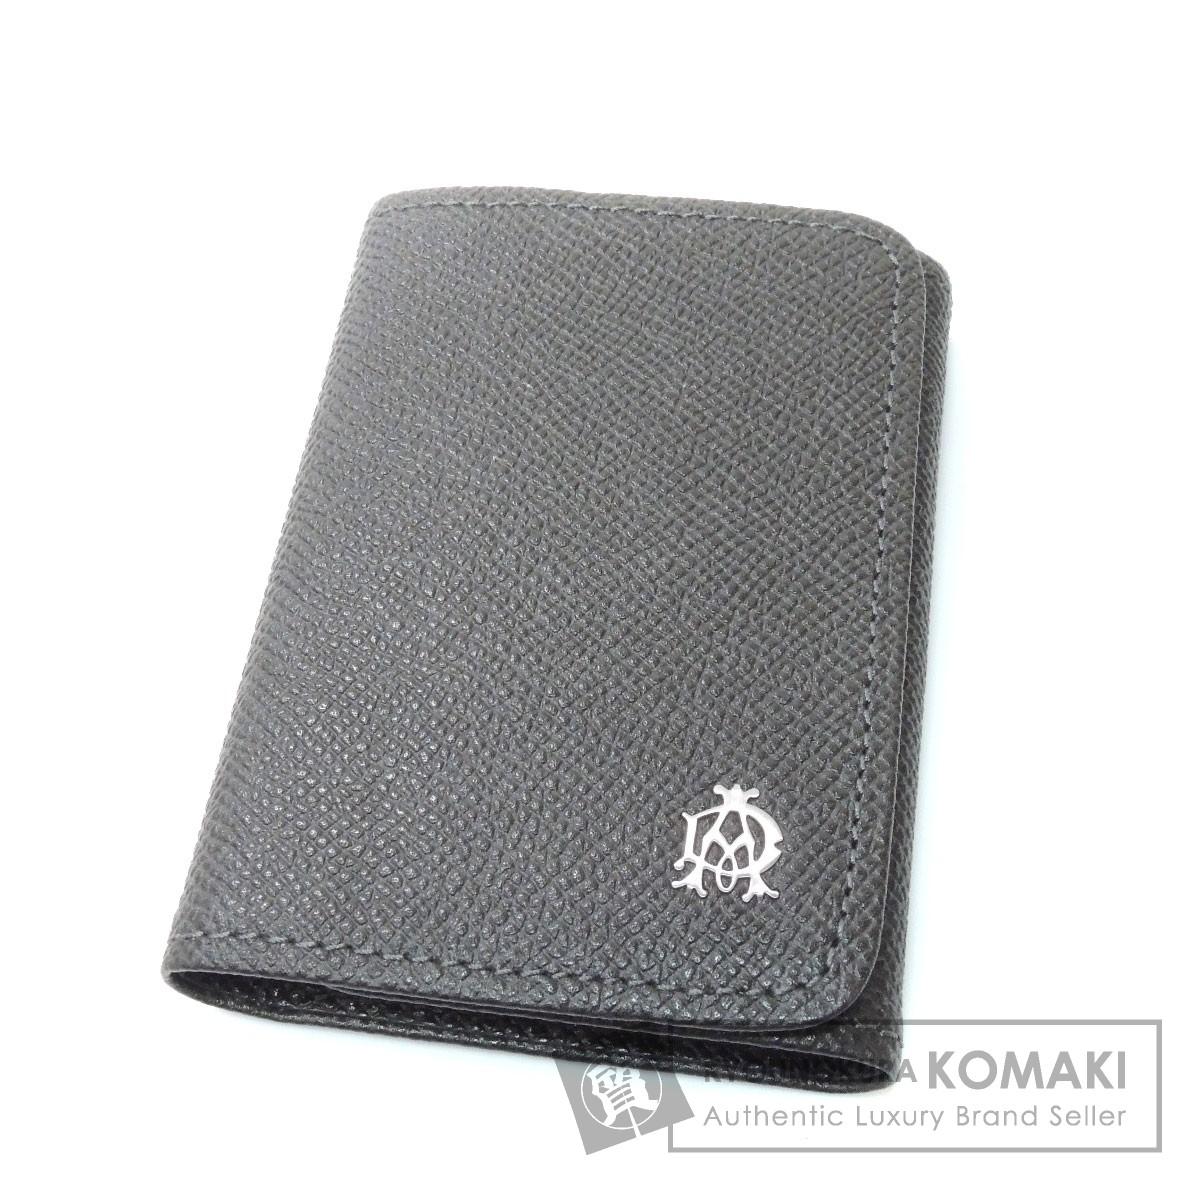 e9f2d9565d92 楽天市場】Dunhill ロゴ刻印 キーケース レザー メンズ 【中古 ...